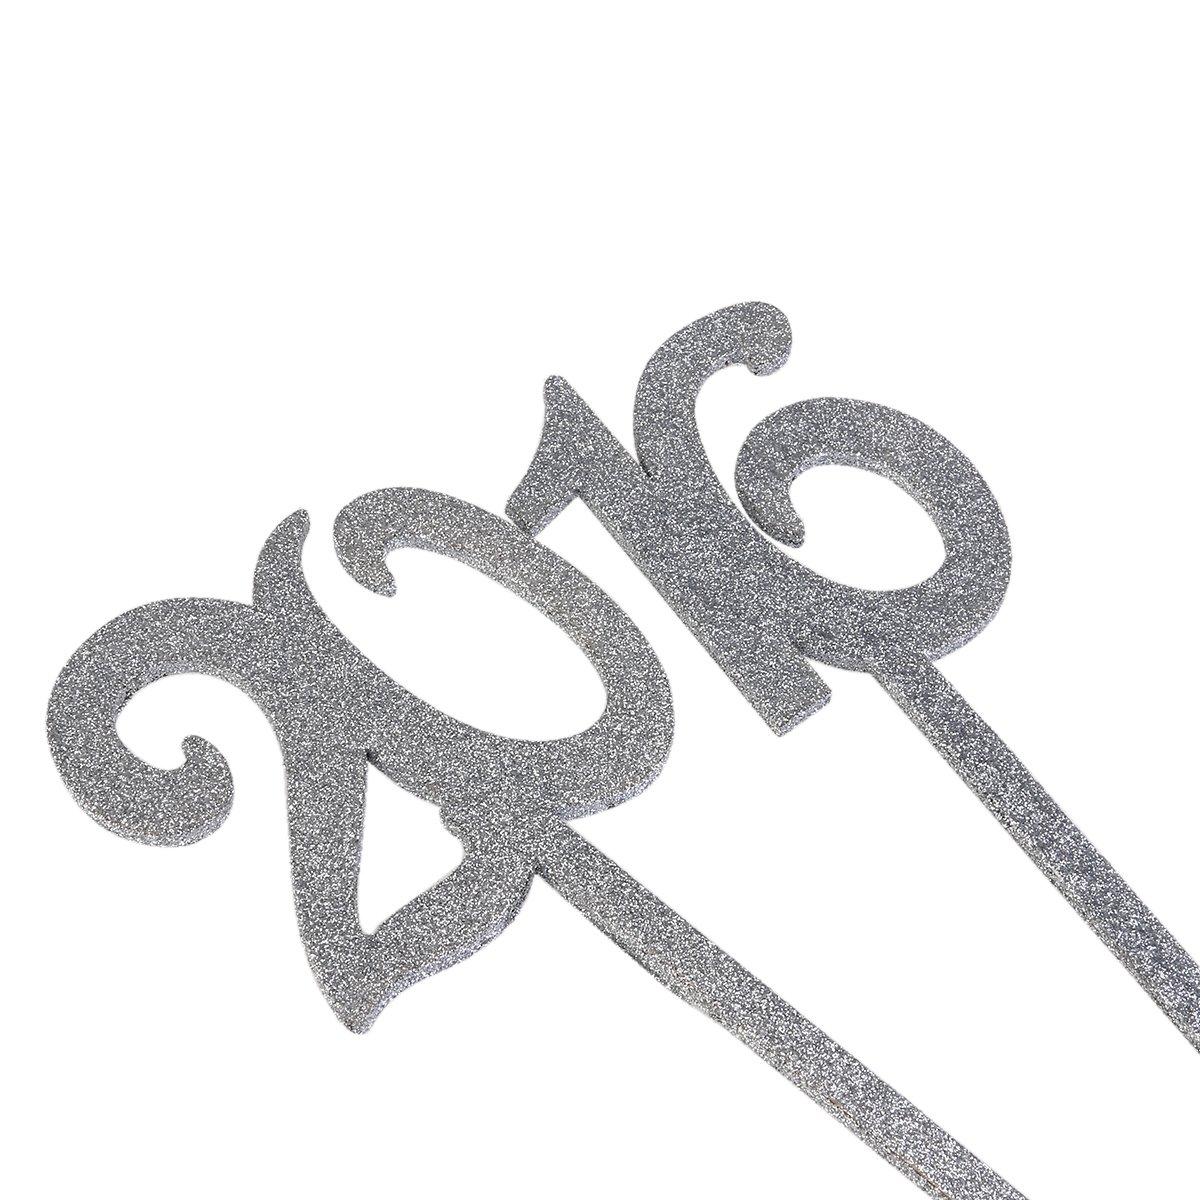 Rosenice Ideali per matrimonio 1/ Segnaposti  con glitter /20 20pz Colore argento